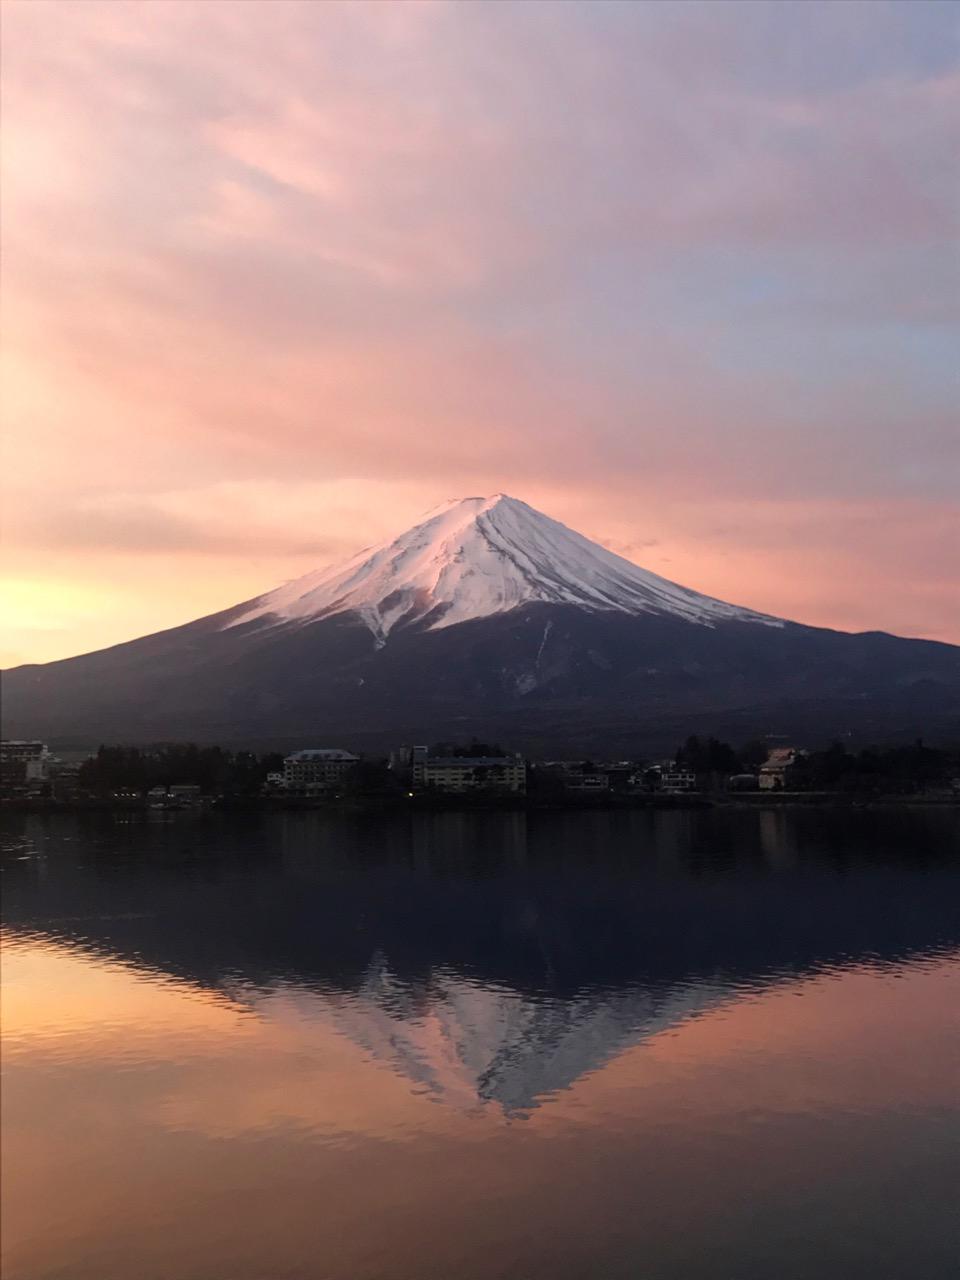 Mt. Fuji, Fujikawaguchiko, Japan